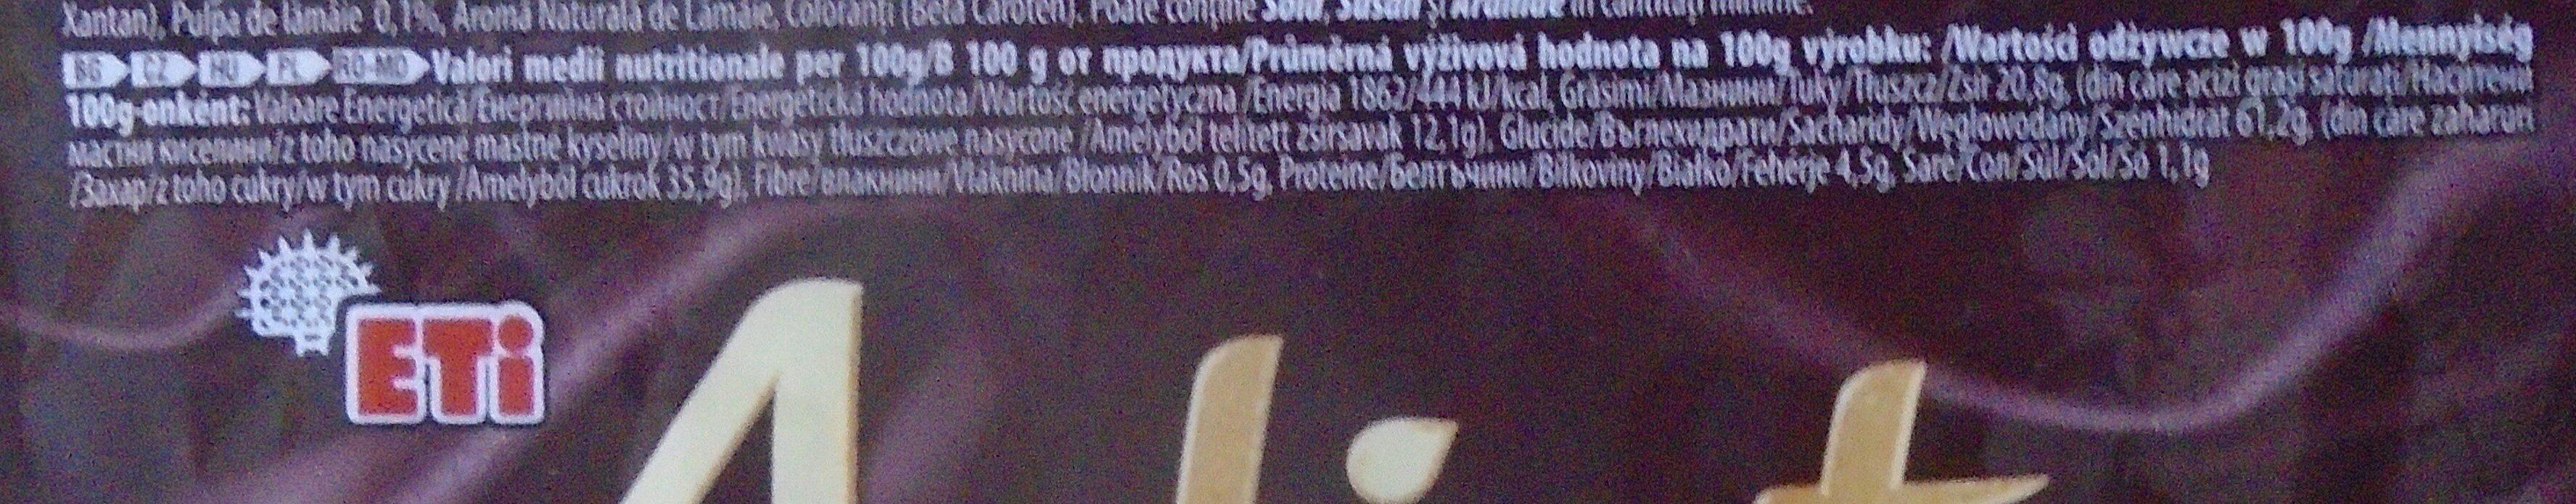 Adicto Go Prăjitură cu cremă de lămâie și glazură - Informations nutritionnelles - ro